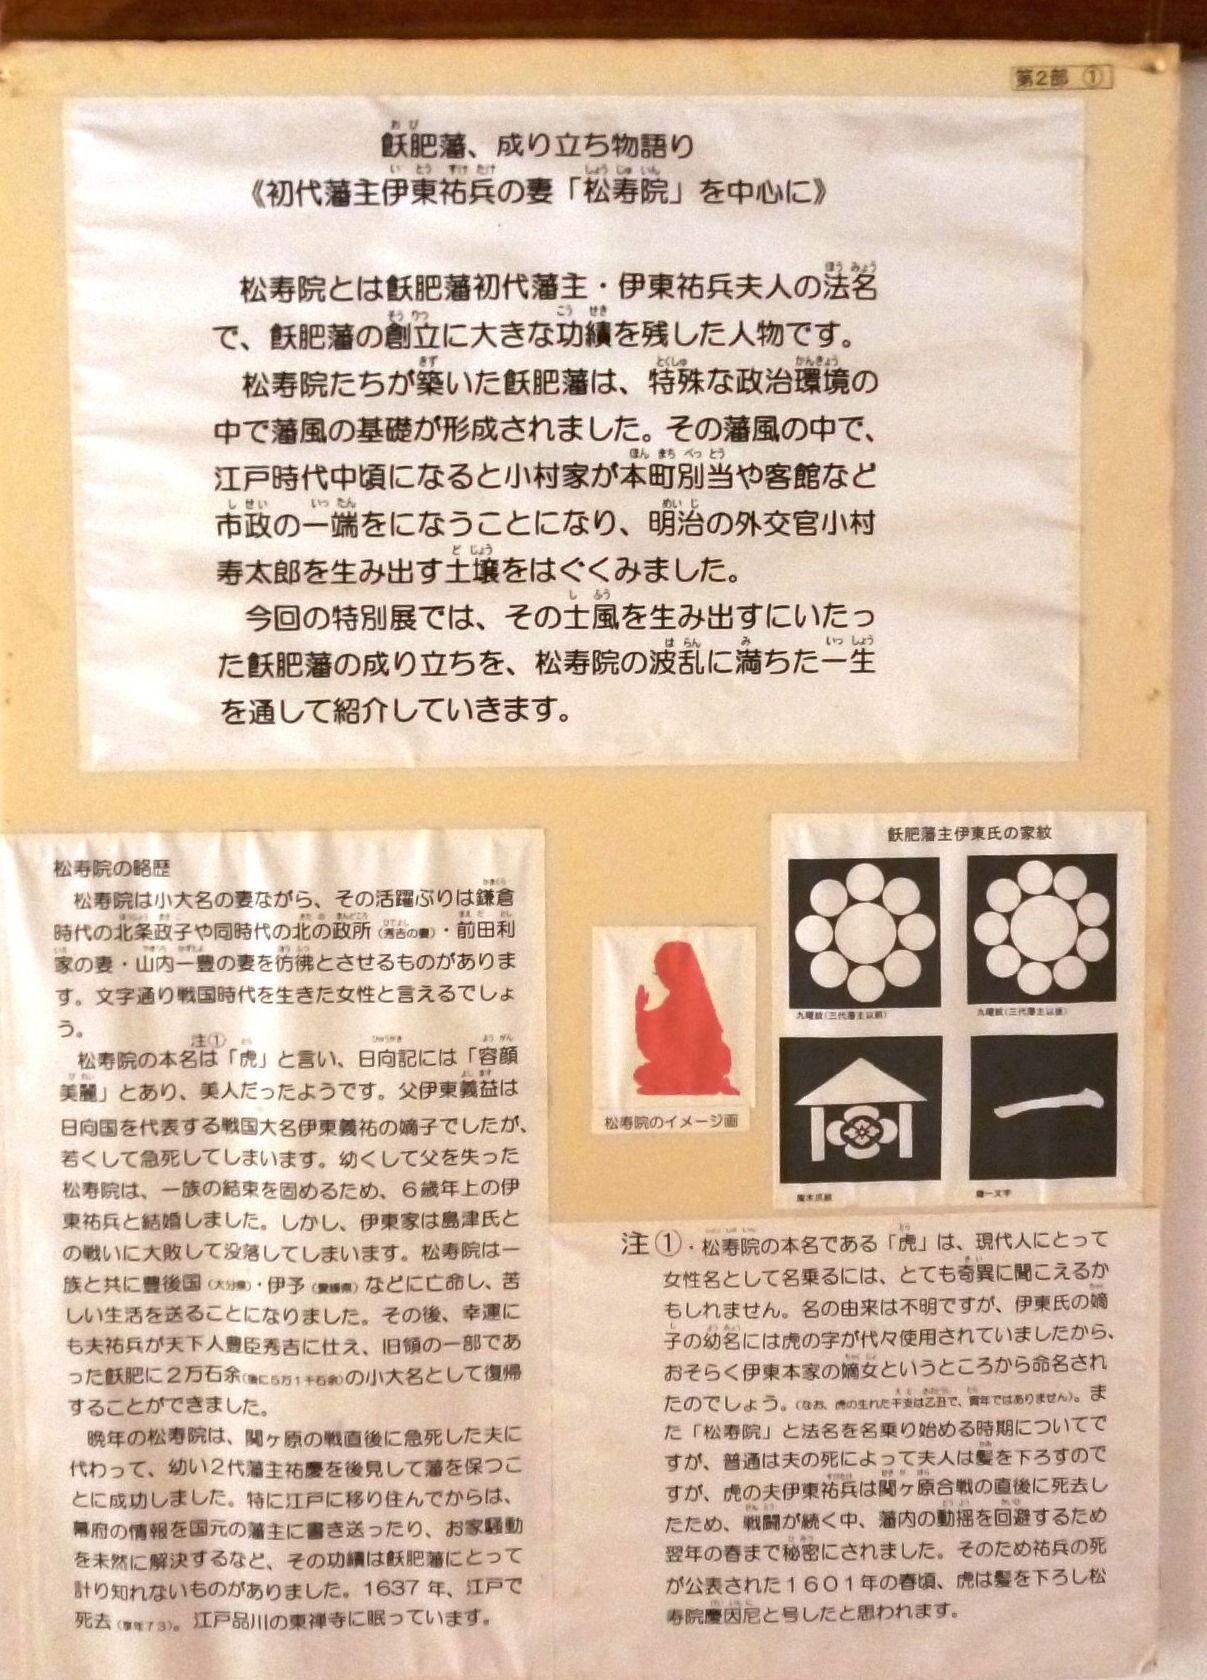 180802宮崎・飫肥・飫肥城2 | 荒尾史学会のブログ - 楽天ブログ